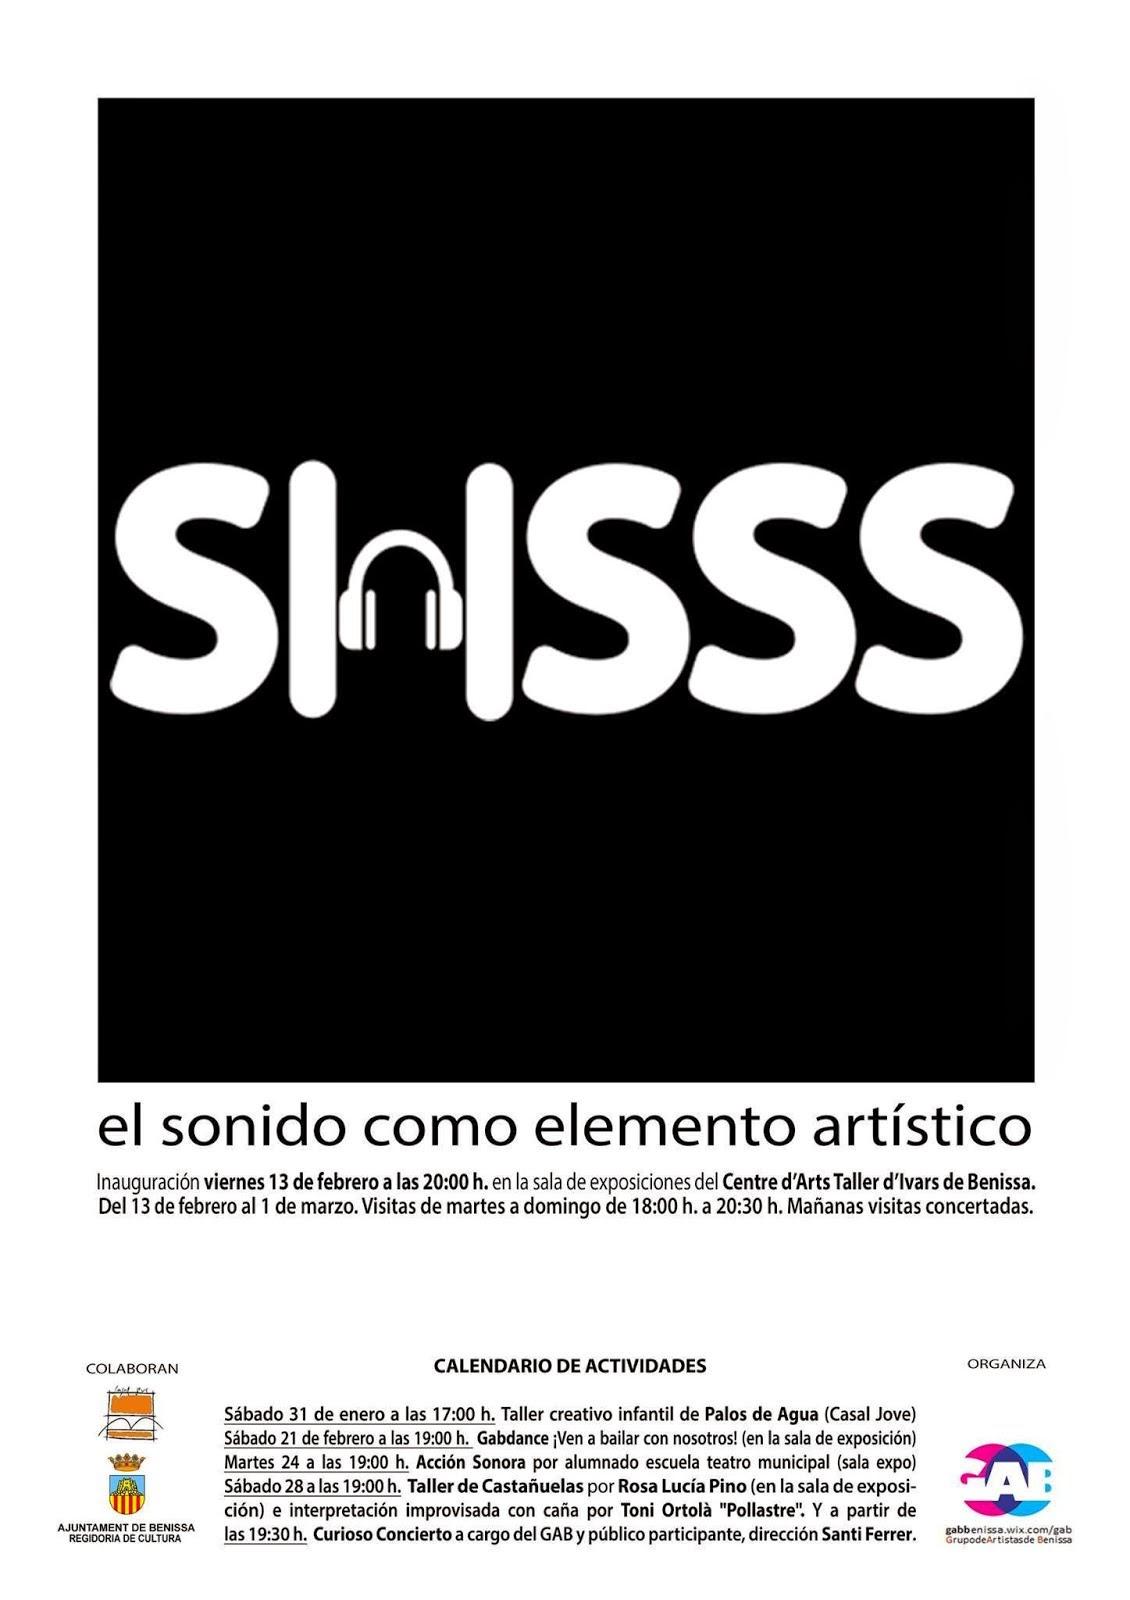 SHSSS El sonido como elemento artístico